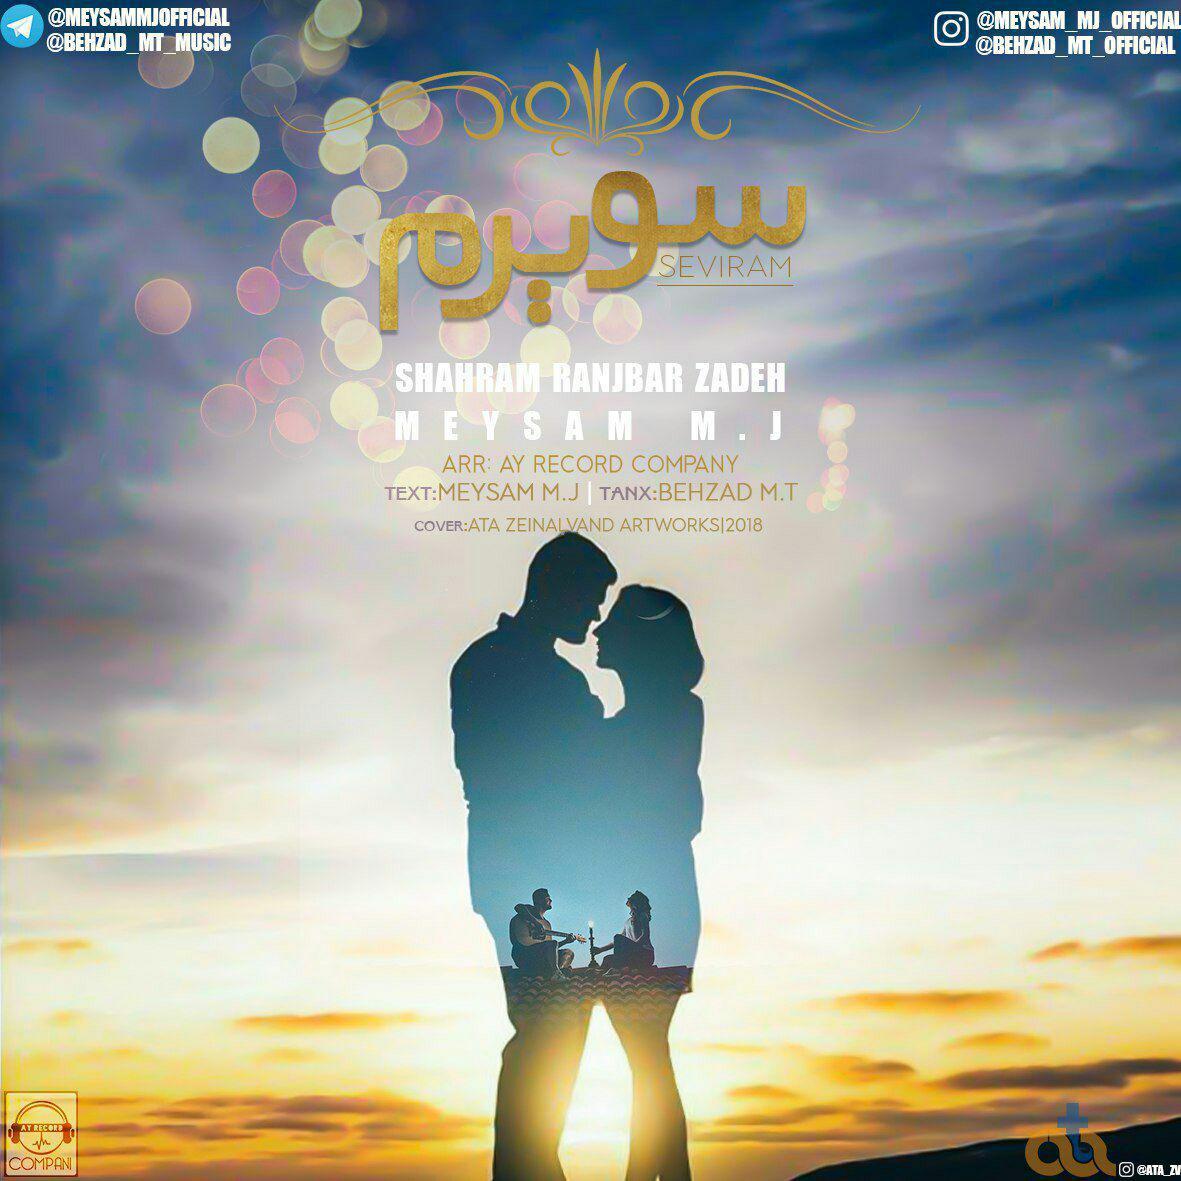 http://s9.picofile.com/file/8332026076/40Shahram_Ranjbar_zade_Meysam_Mj_Seviram.jpg